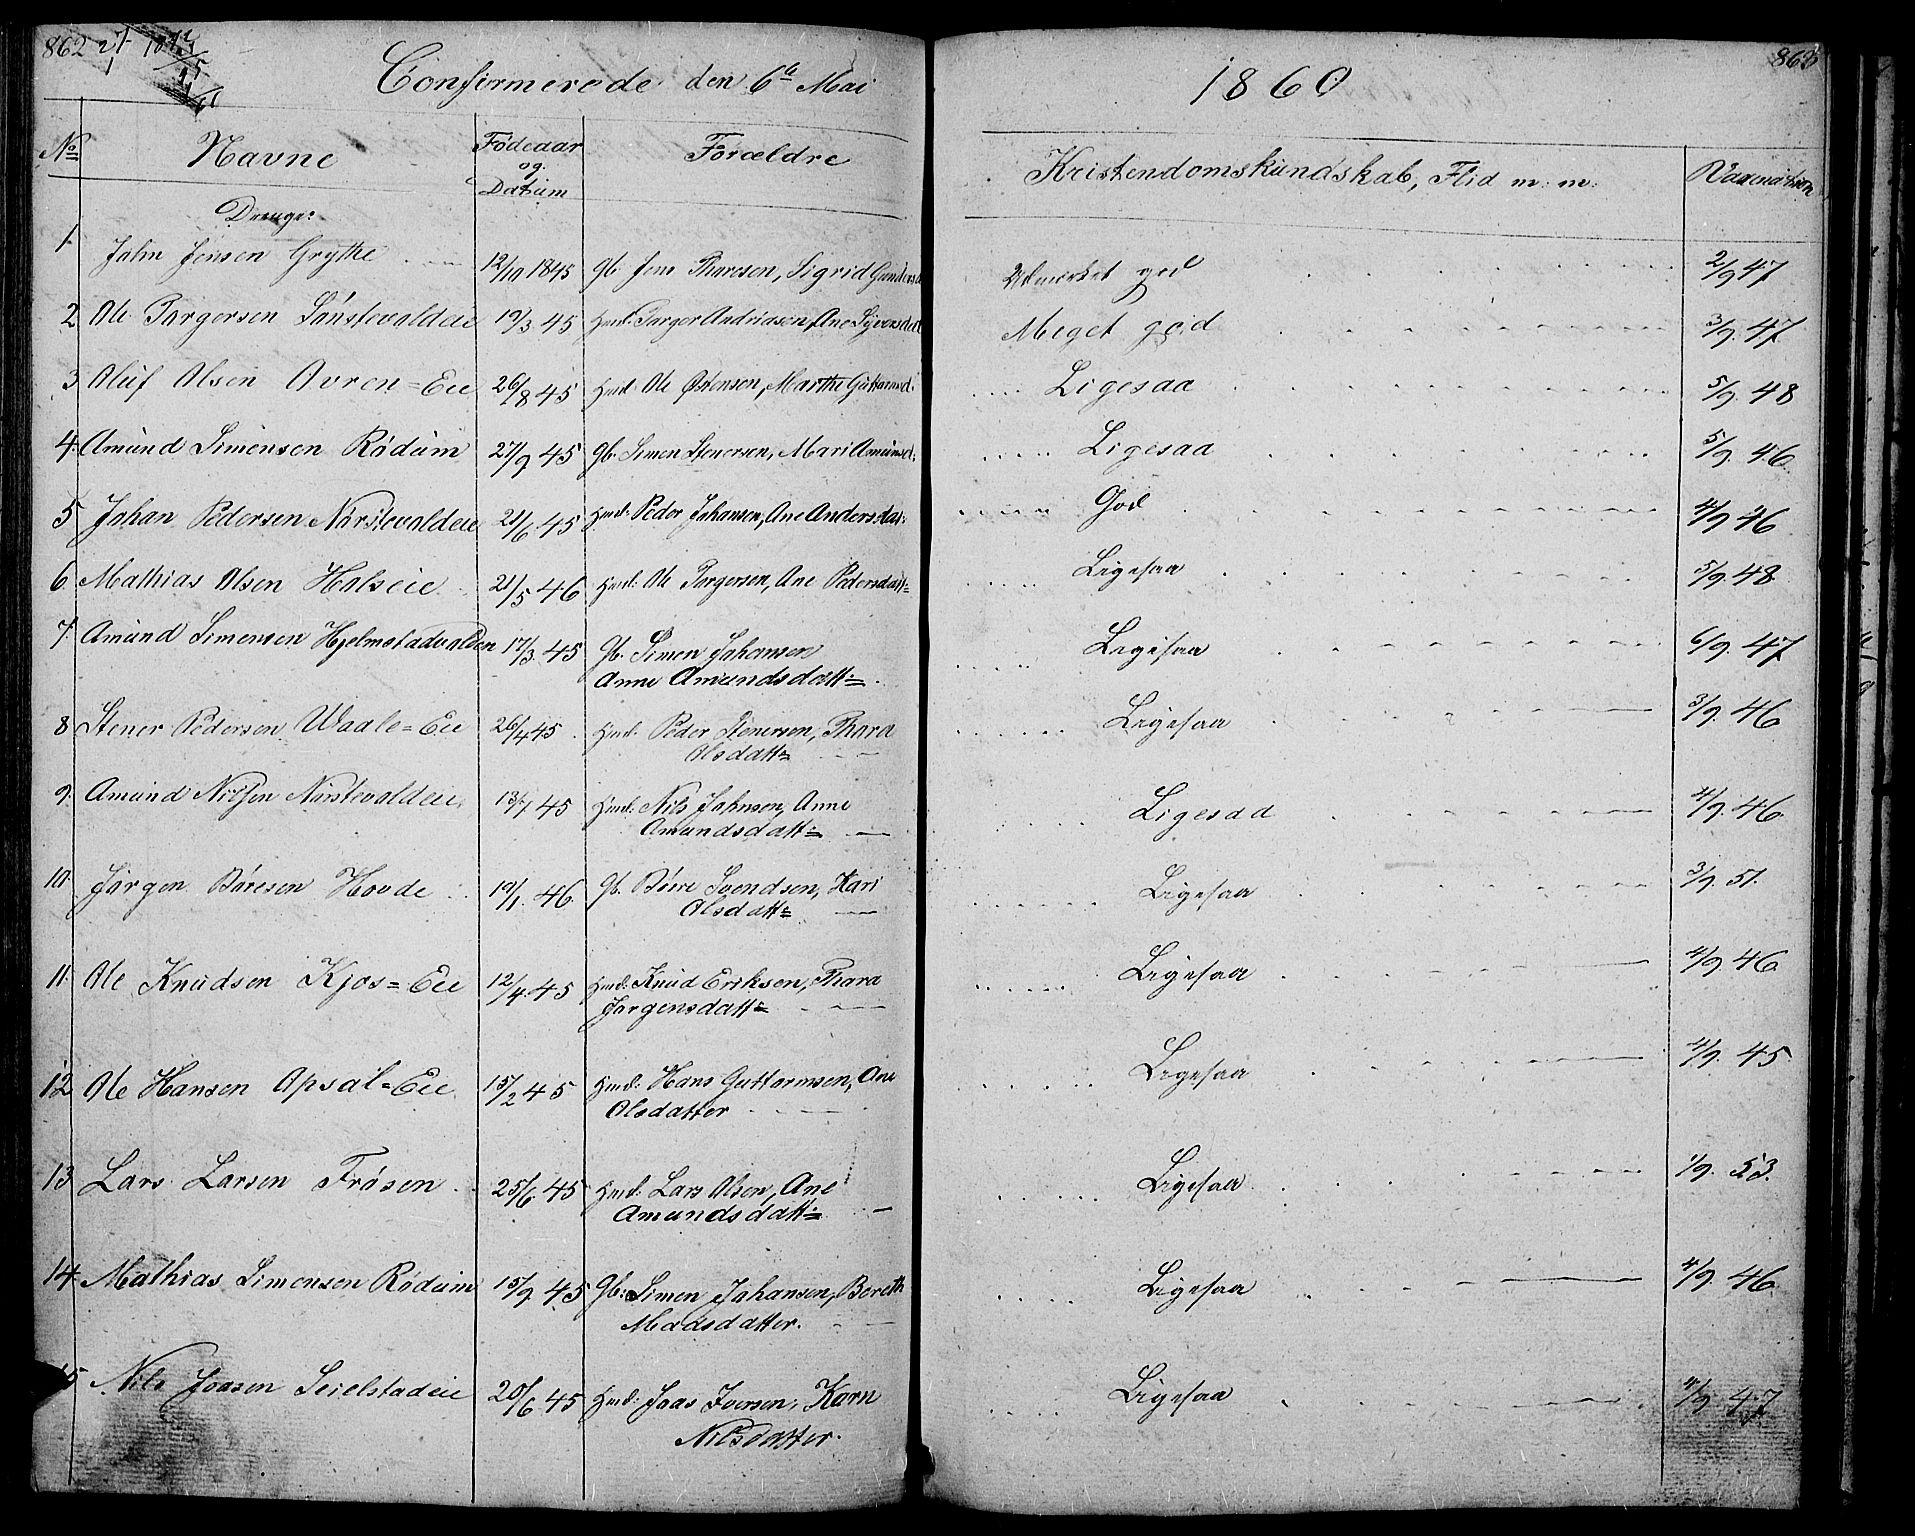 SAH, Gausdal prestekontor, Klokkerbok nr. 4, 1835-1870, s. 862-863